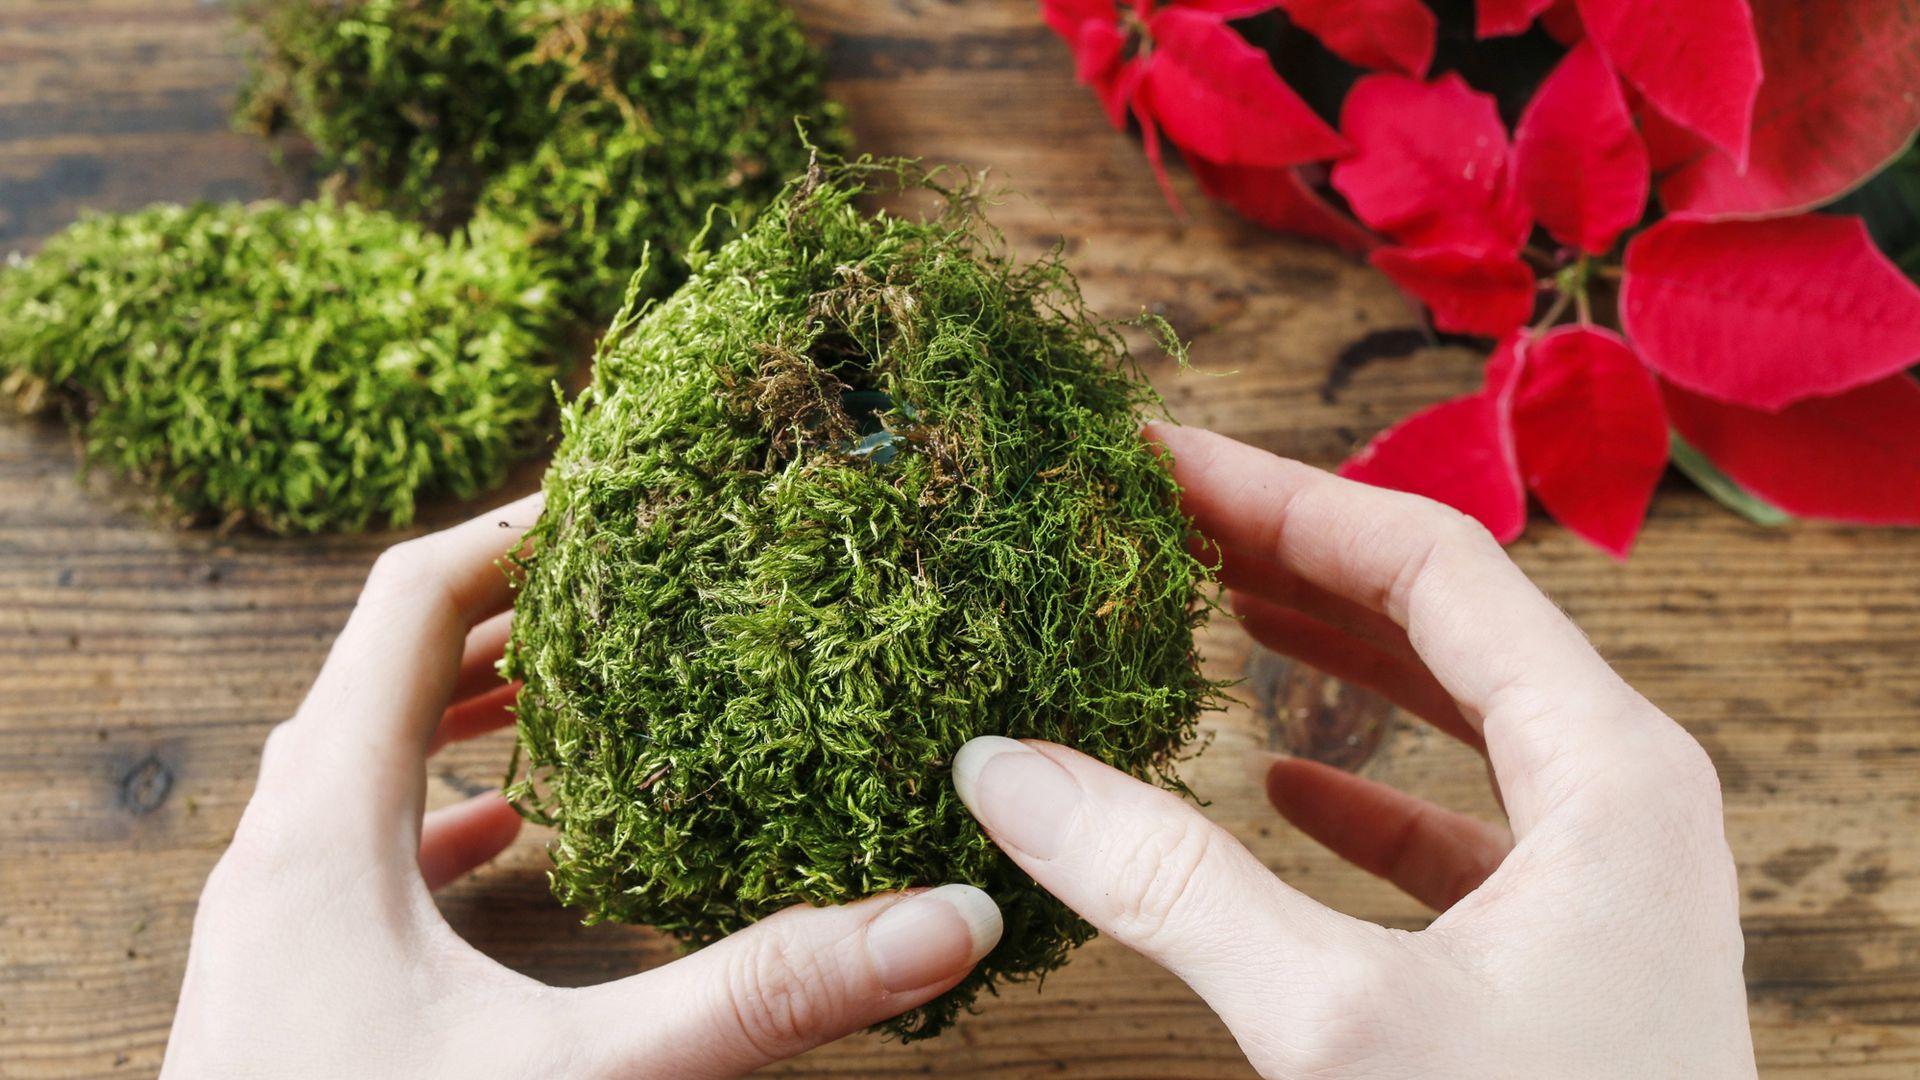 Los kokedamas son esencialmente bolitas de musgo que contienen al sistema de raíces de las plantan y reemplazan a las macetas. Mantienen la humedad y ocupan poco espacio.